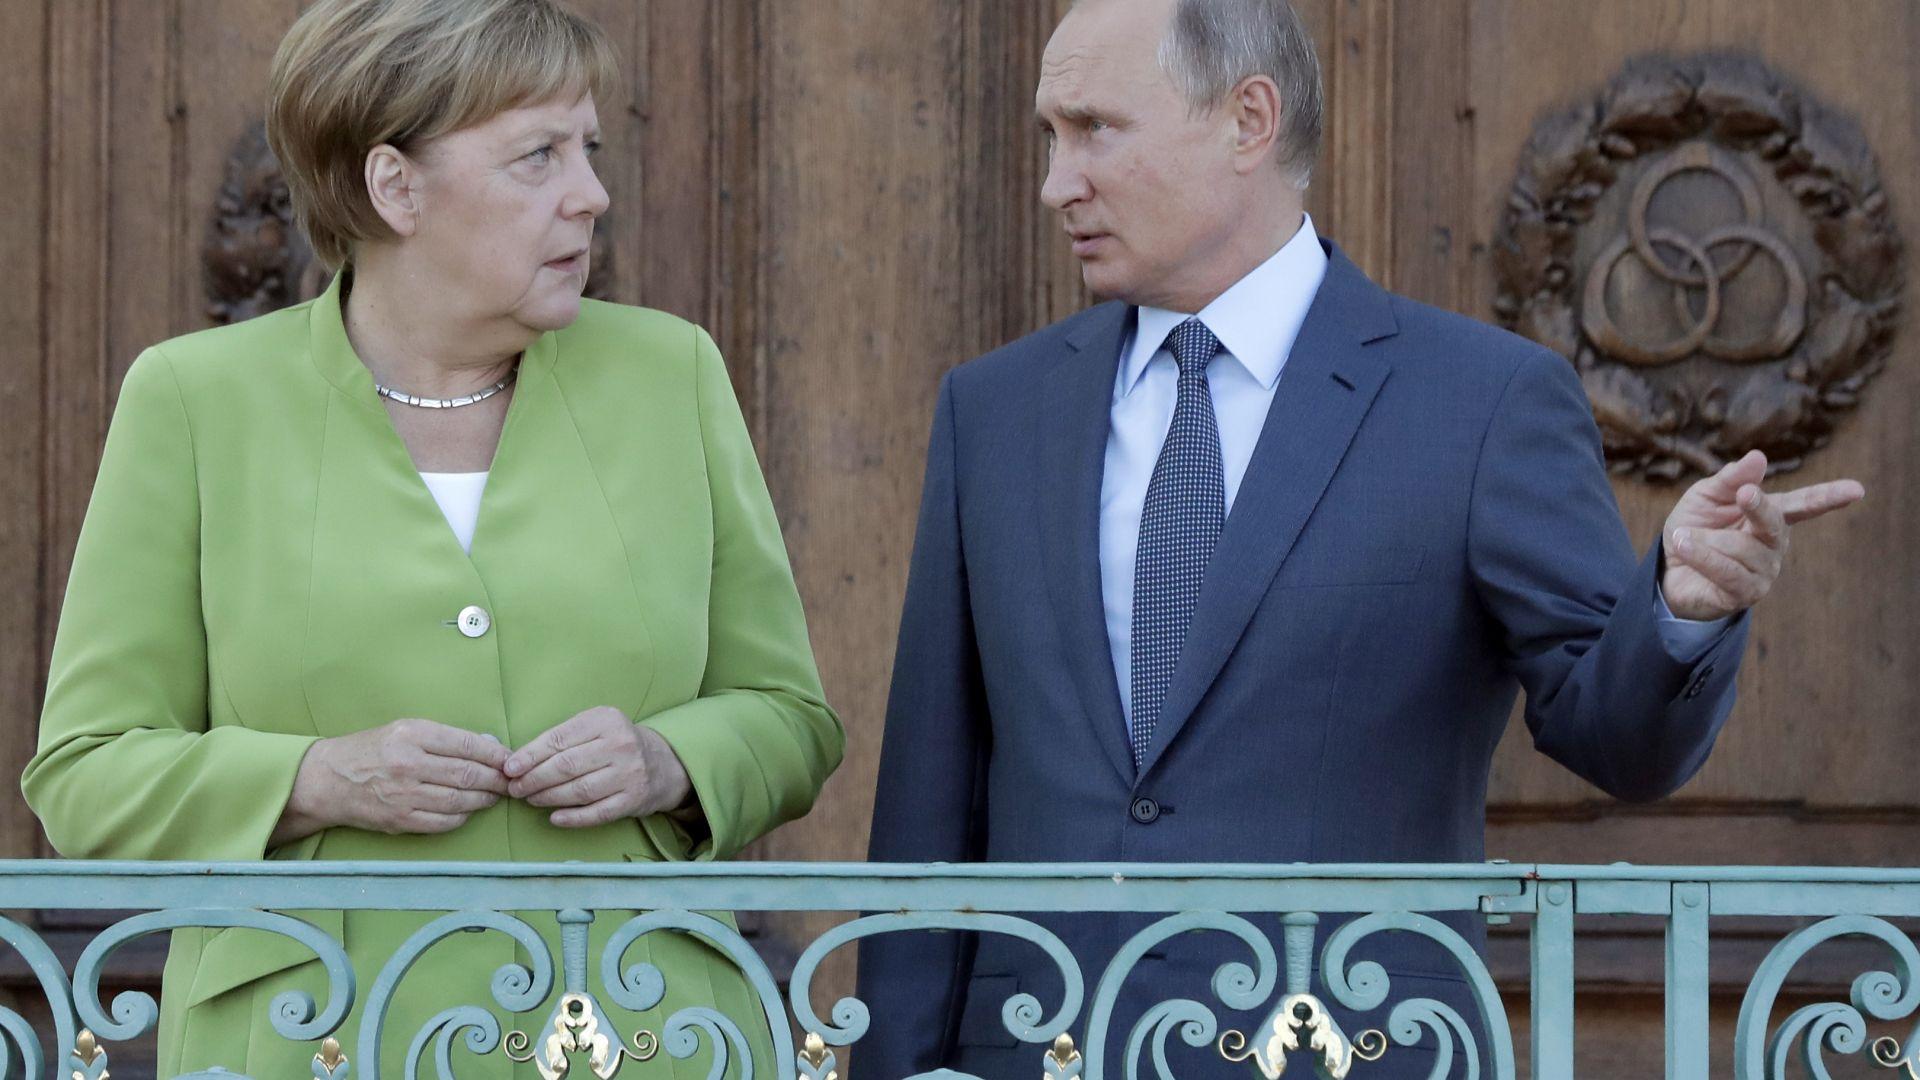 Защо Меркел си тръгва, а Путин остава